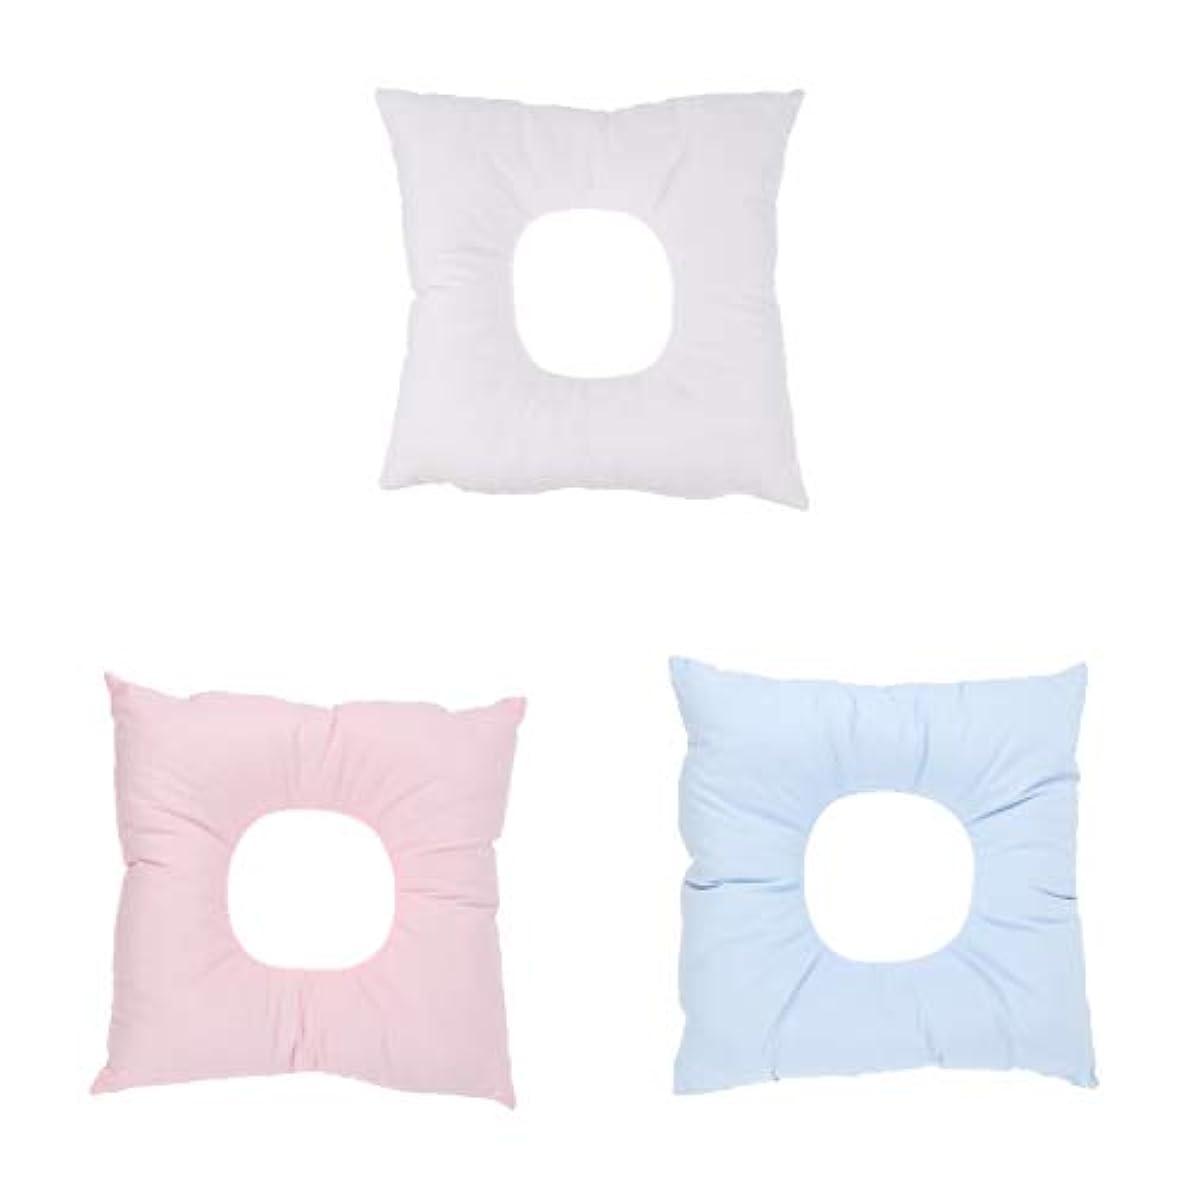 ガイドライン商人曖昧な顔マクラ マッサージ枕 顔枕 クッション ソフトフォーム サロン スパ マッサージ用 快適 3個入